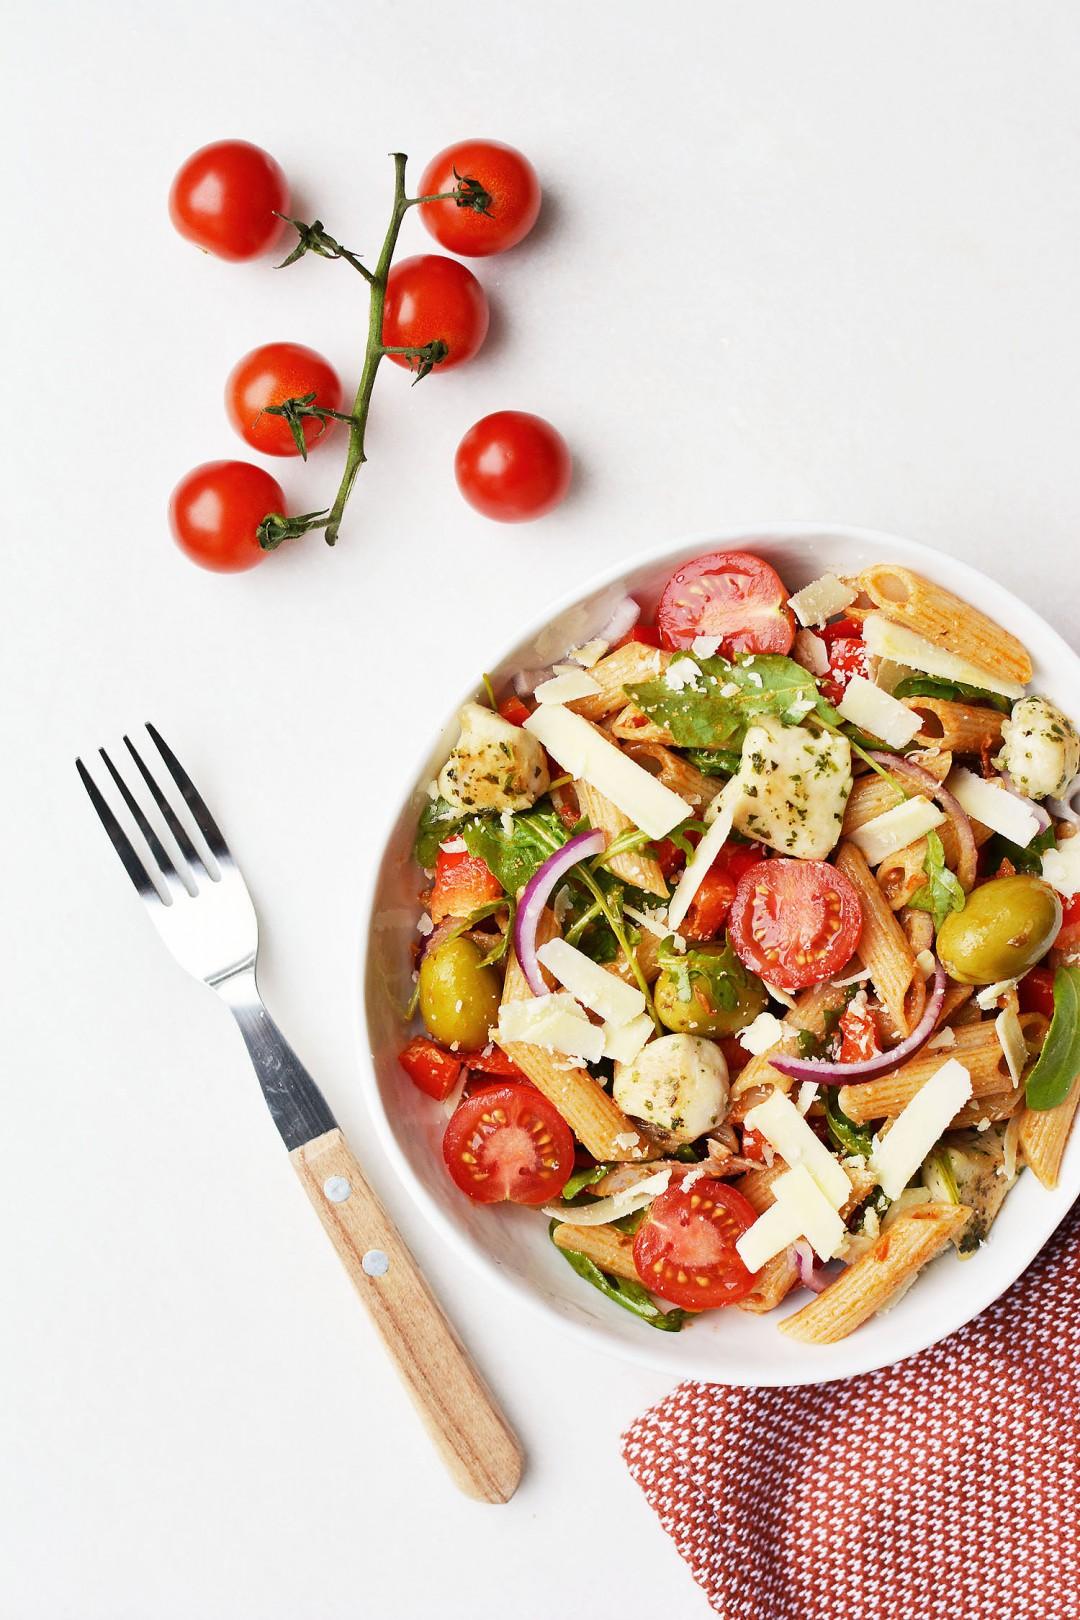 Pasta salade met rode pesto 9 2